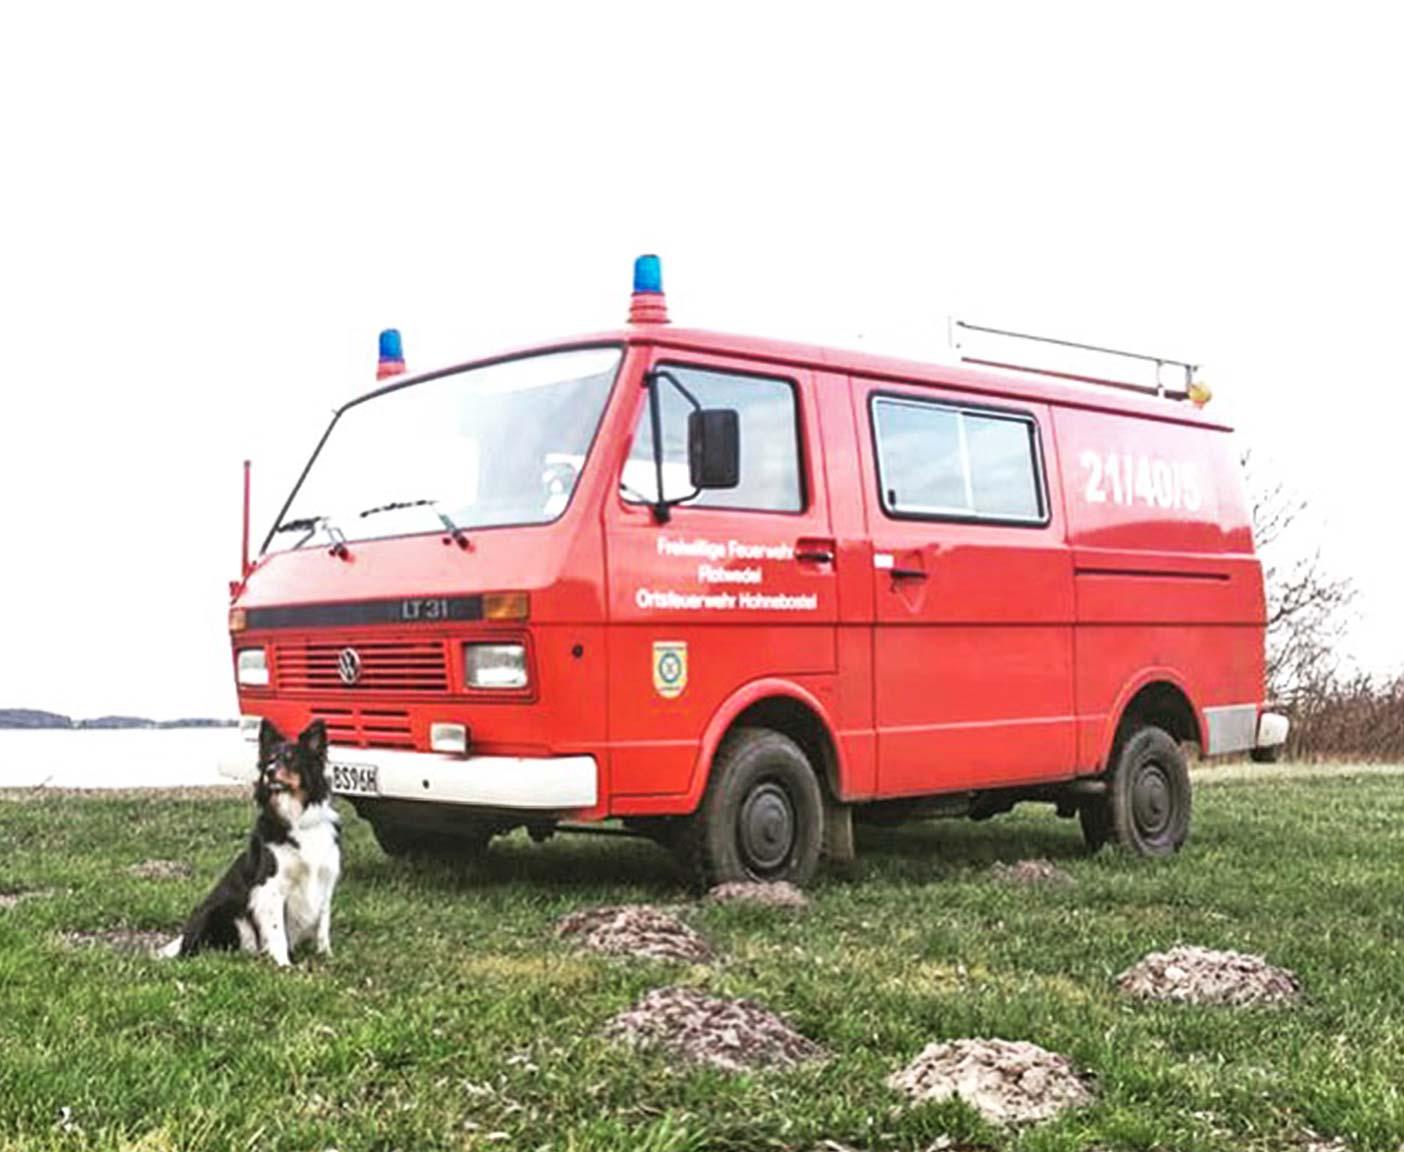 volkswagen-lt-wohnmobil-ausbau-feuerwehr-lt-31